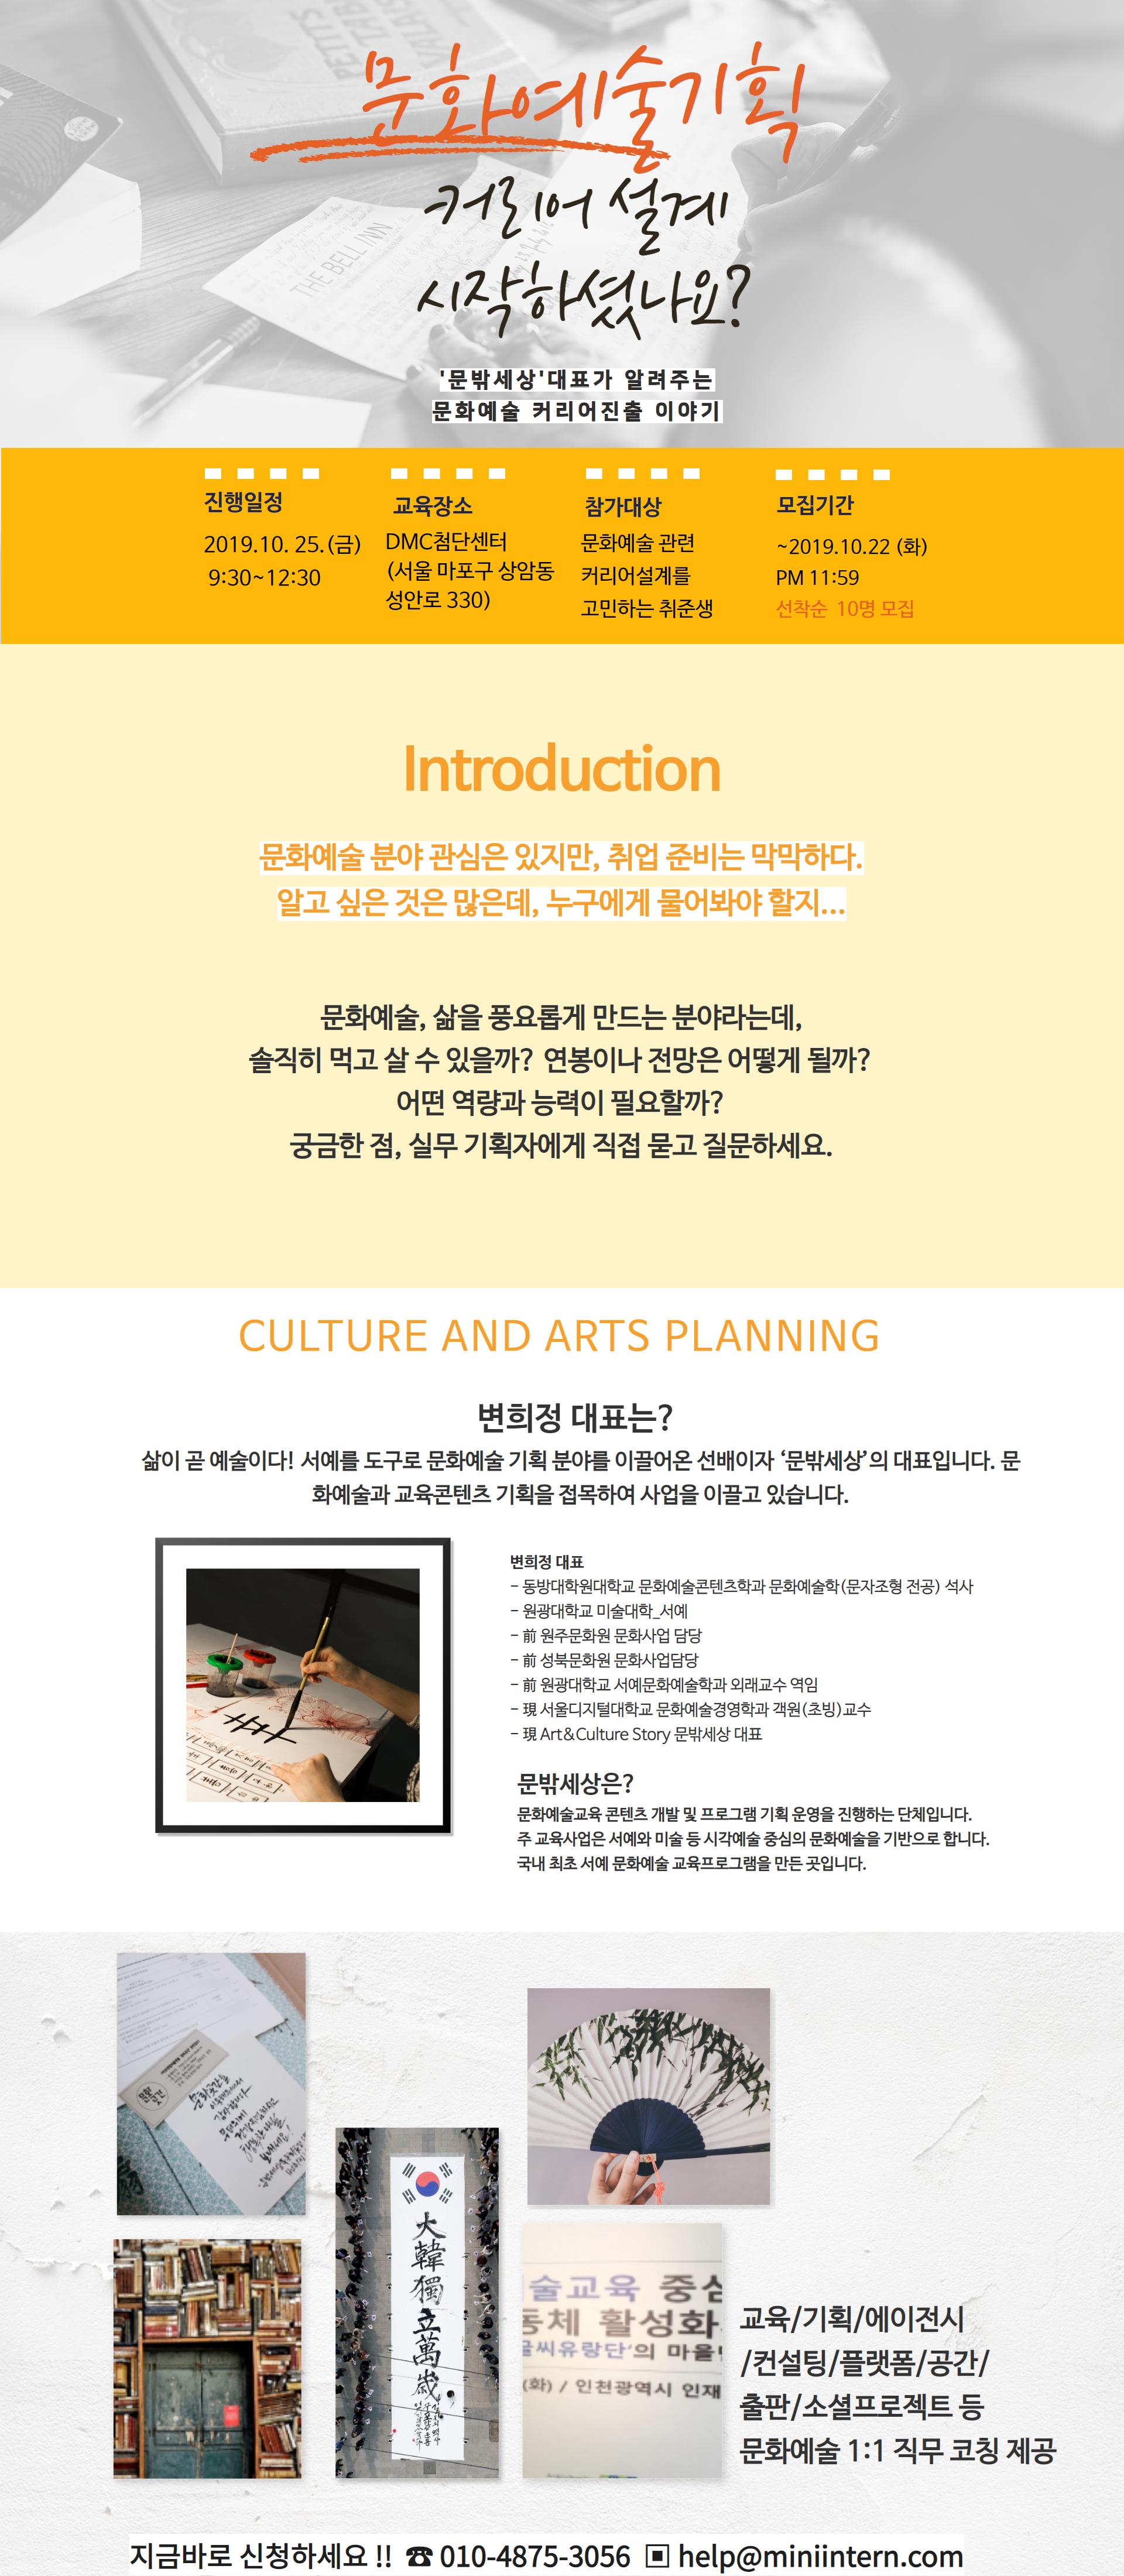 문화예술기획 커리어 설계 시작하셨나요 ?